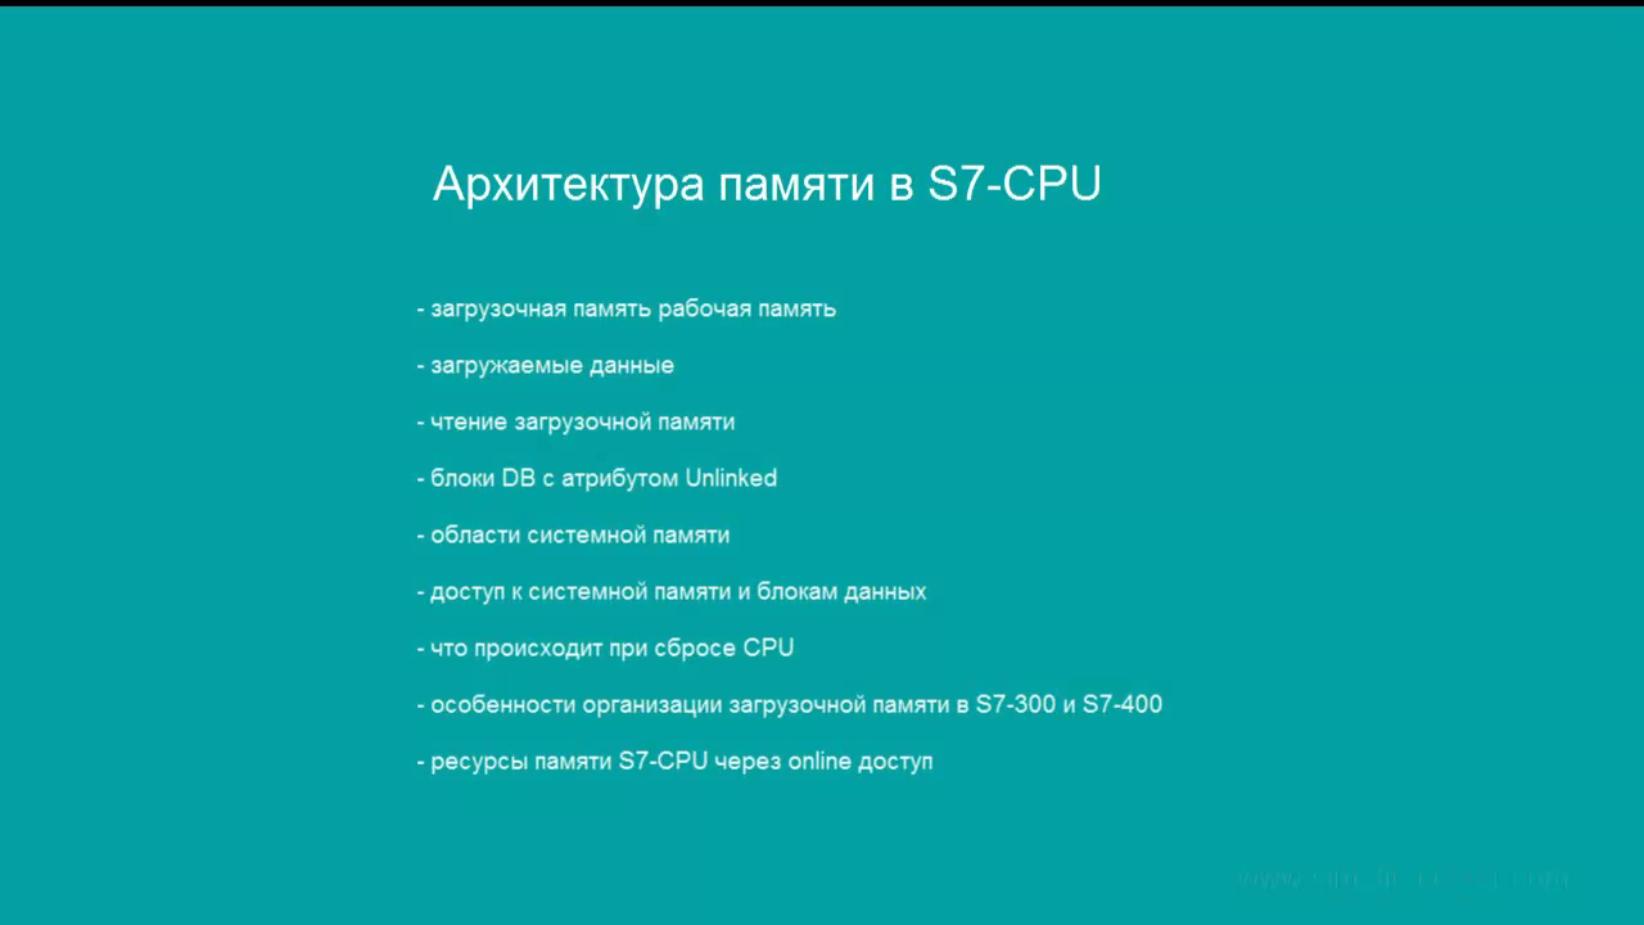 Arch_mem_CPU_1